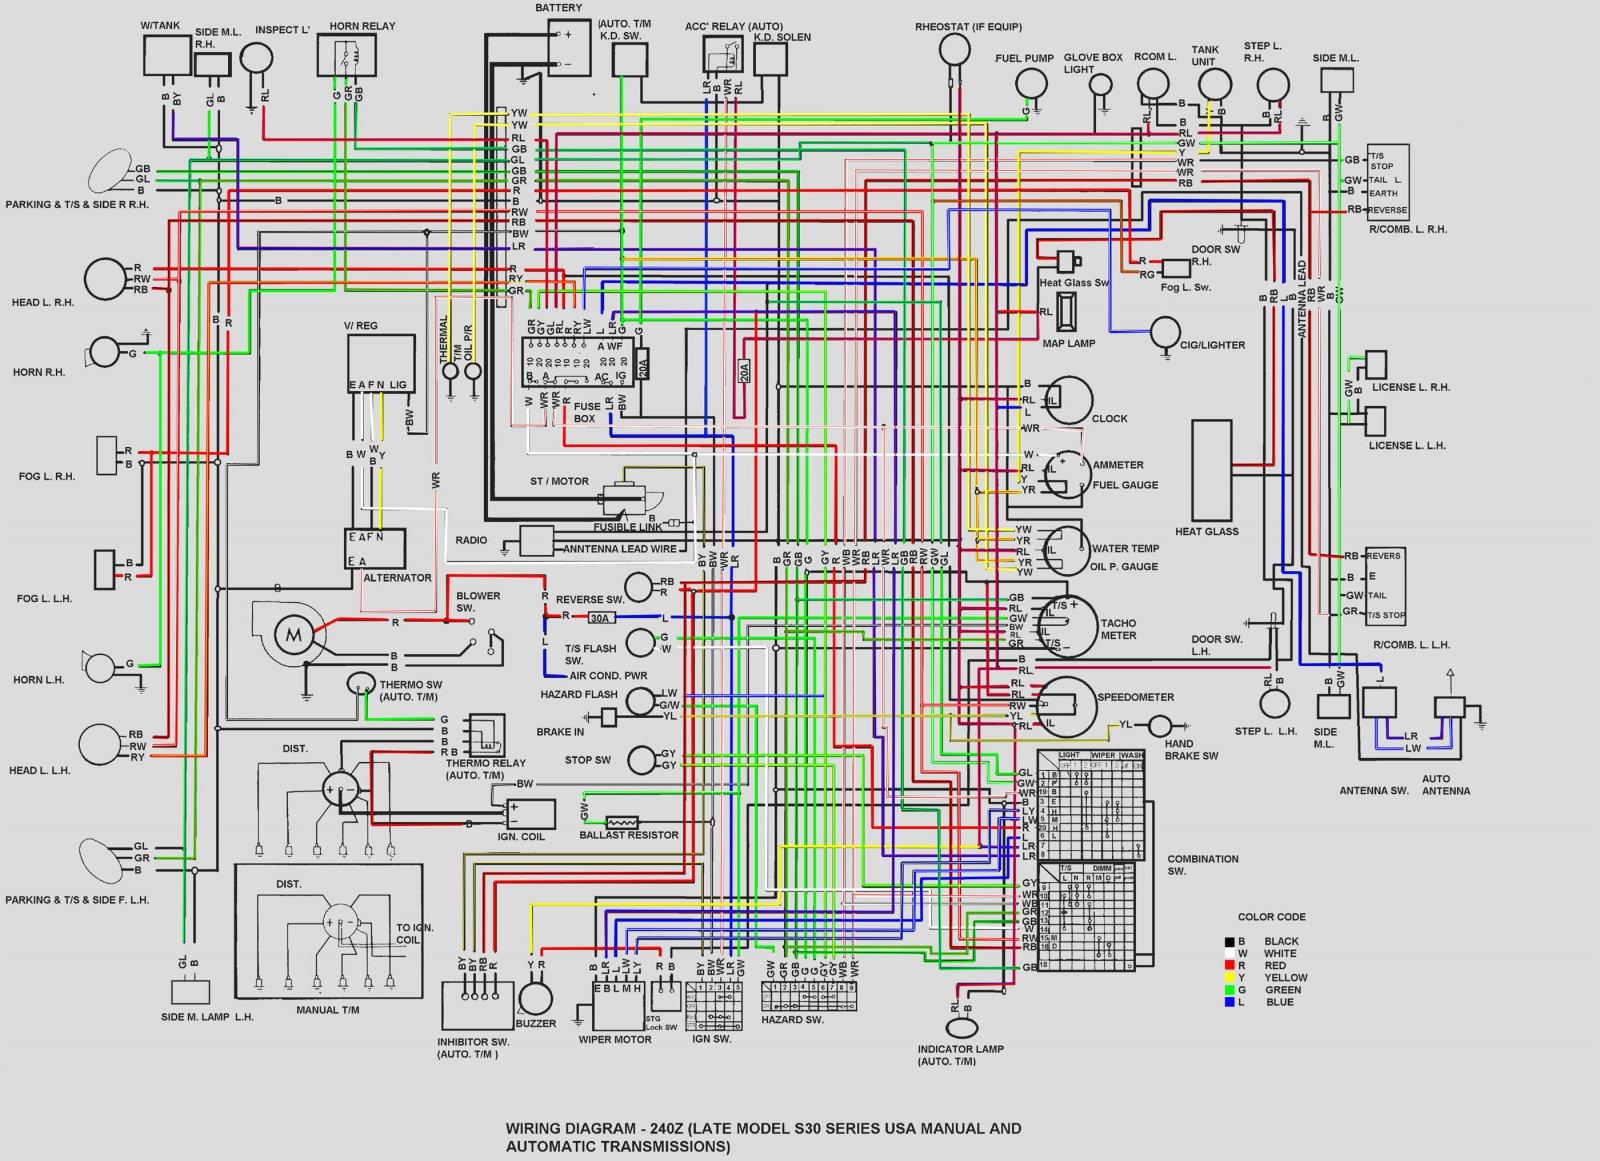 datsun-_1972_240z-wiring-diagram_COLOR.JPG